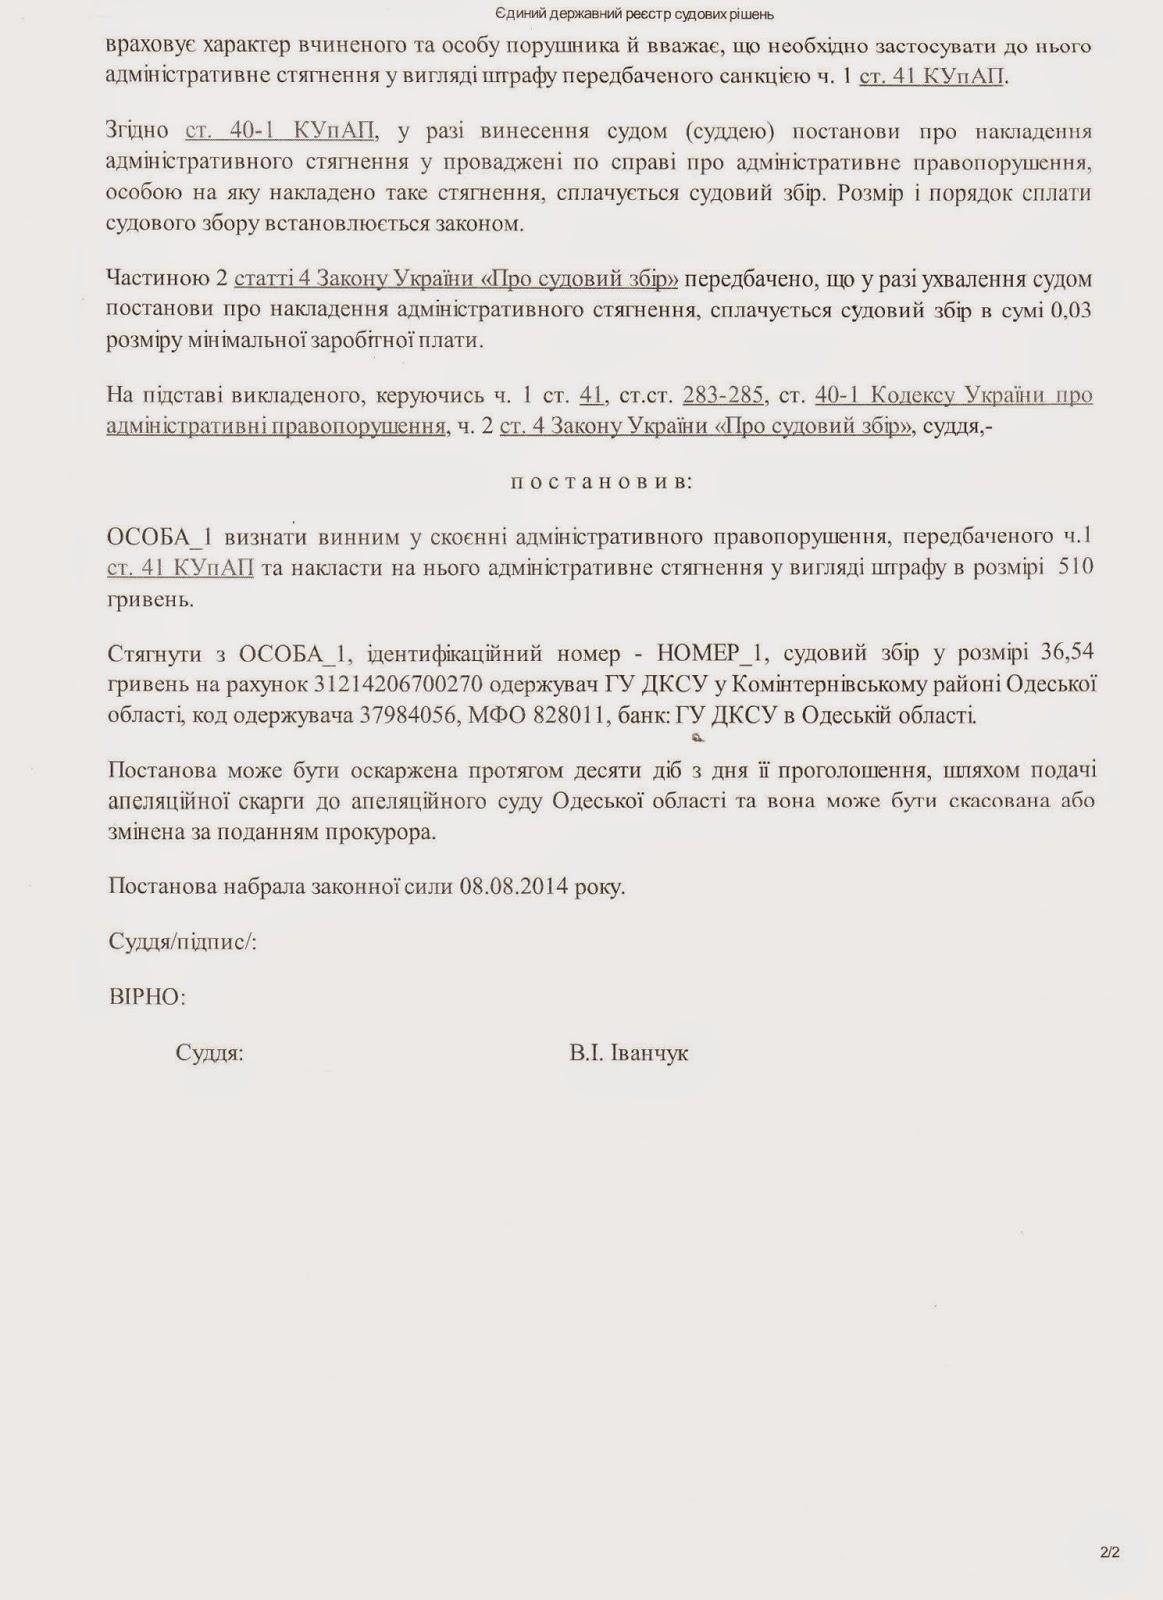 Исковое заявление в суд о взыскании денежных средств за